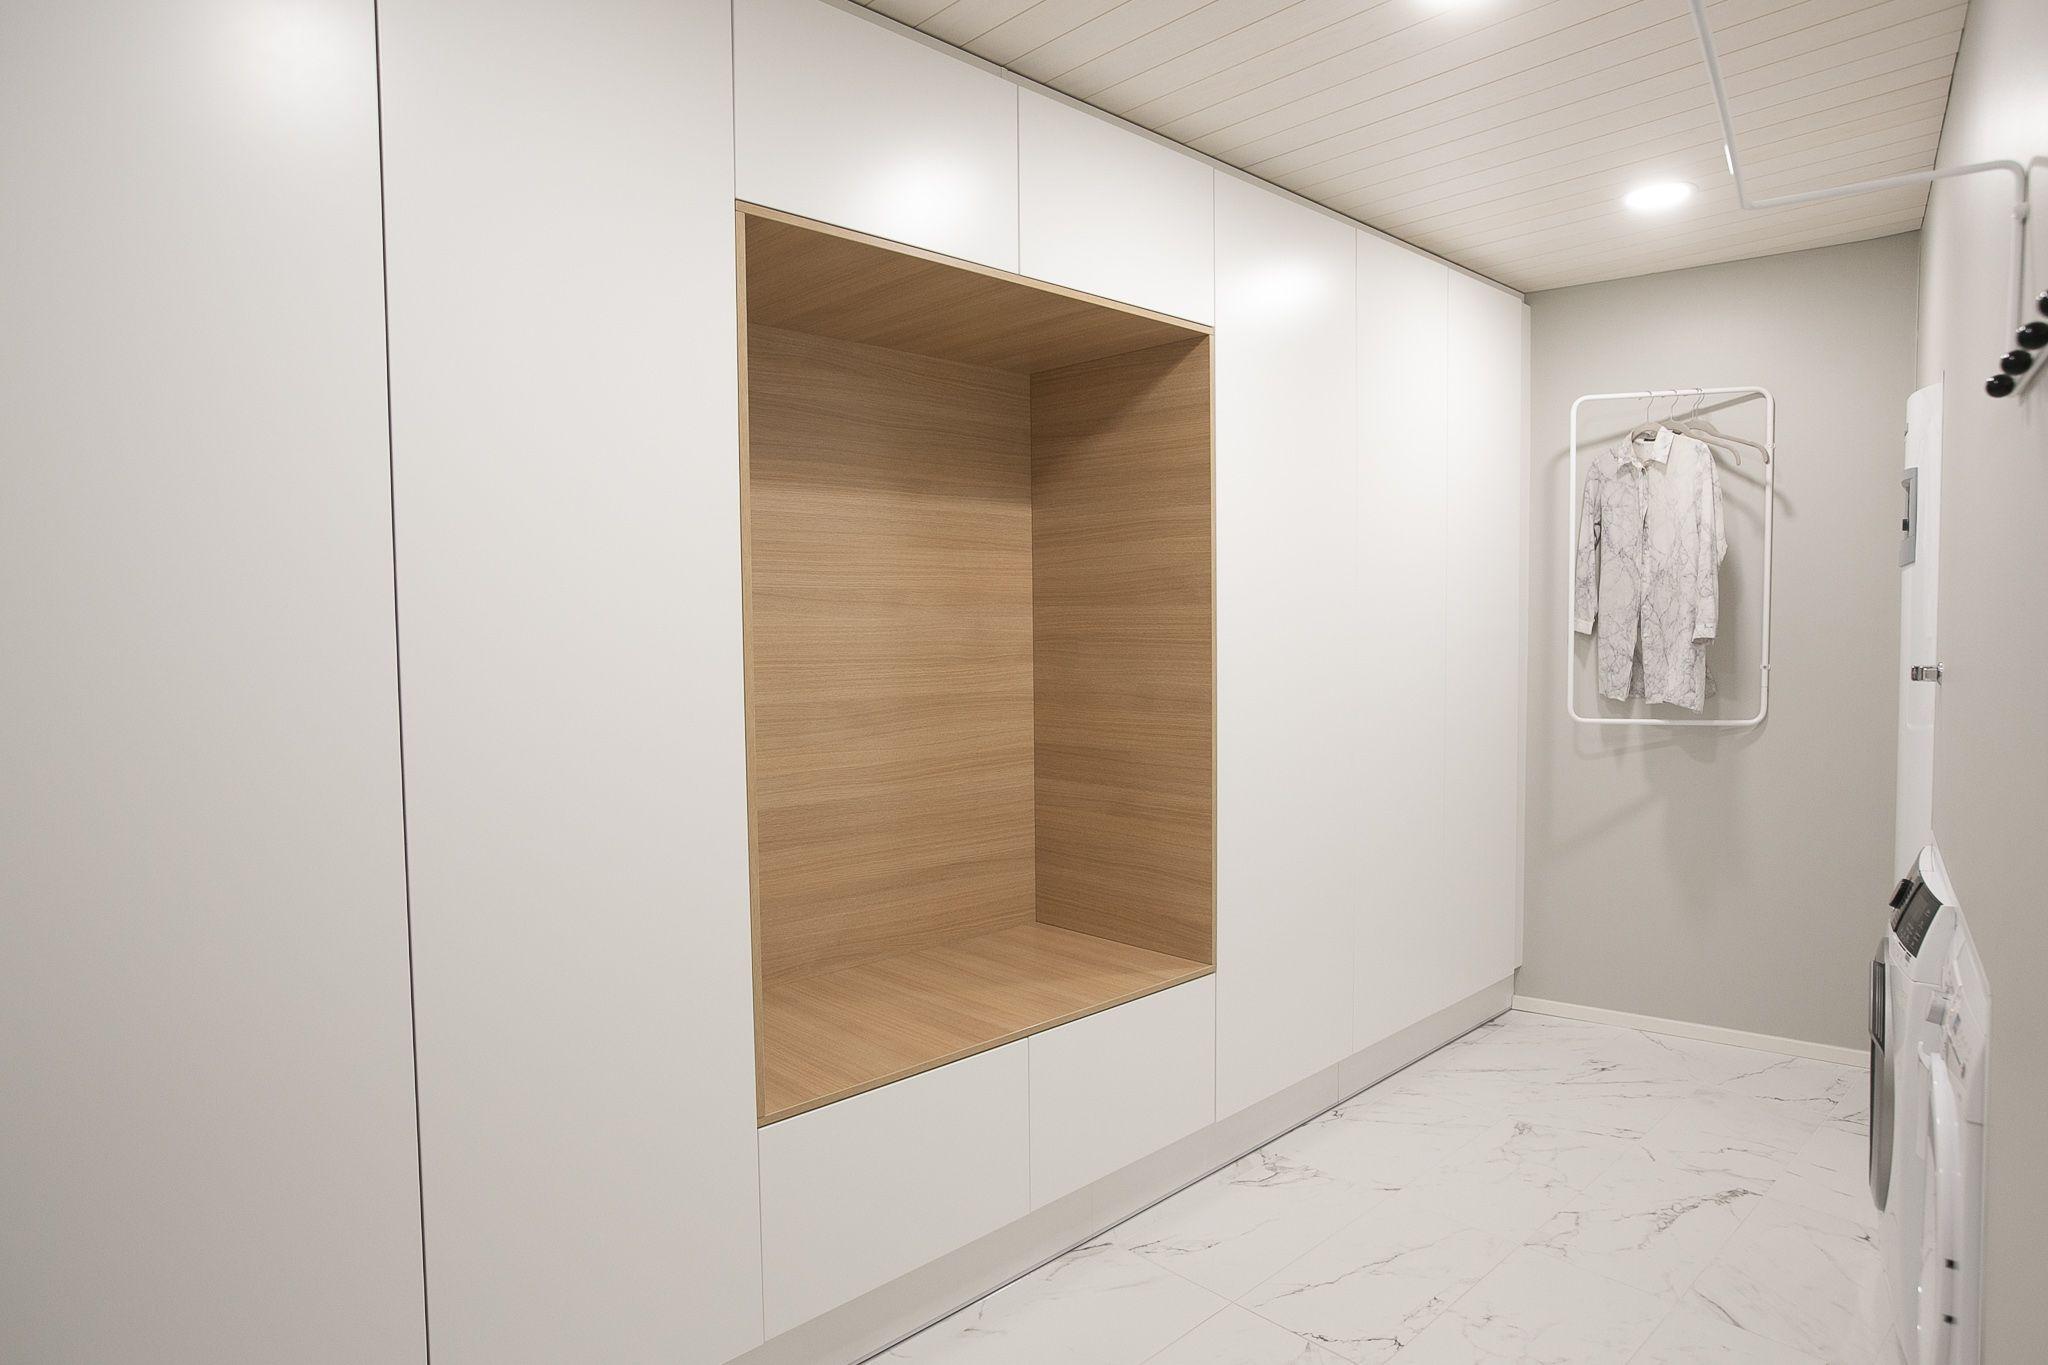 Kodinhoitohuone ja minimalistinen vaaterekki